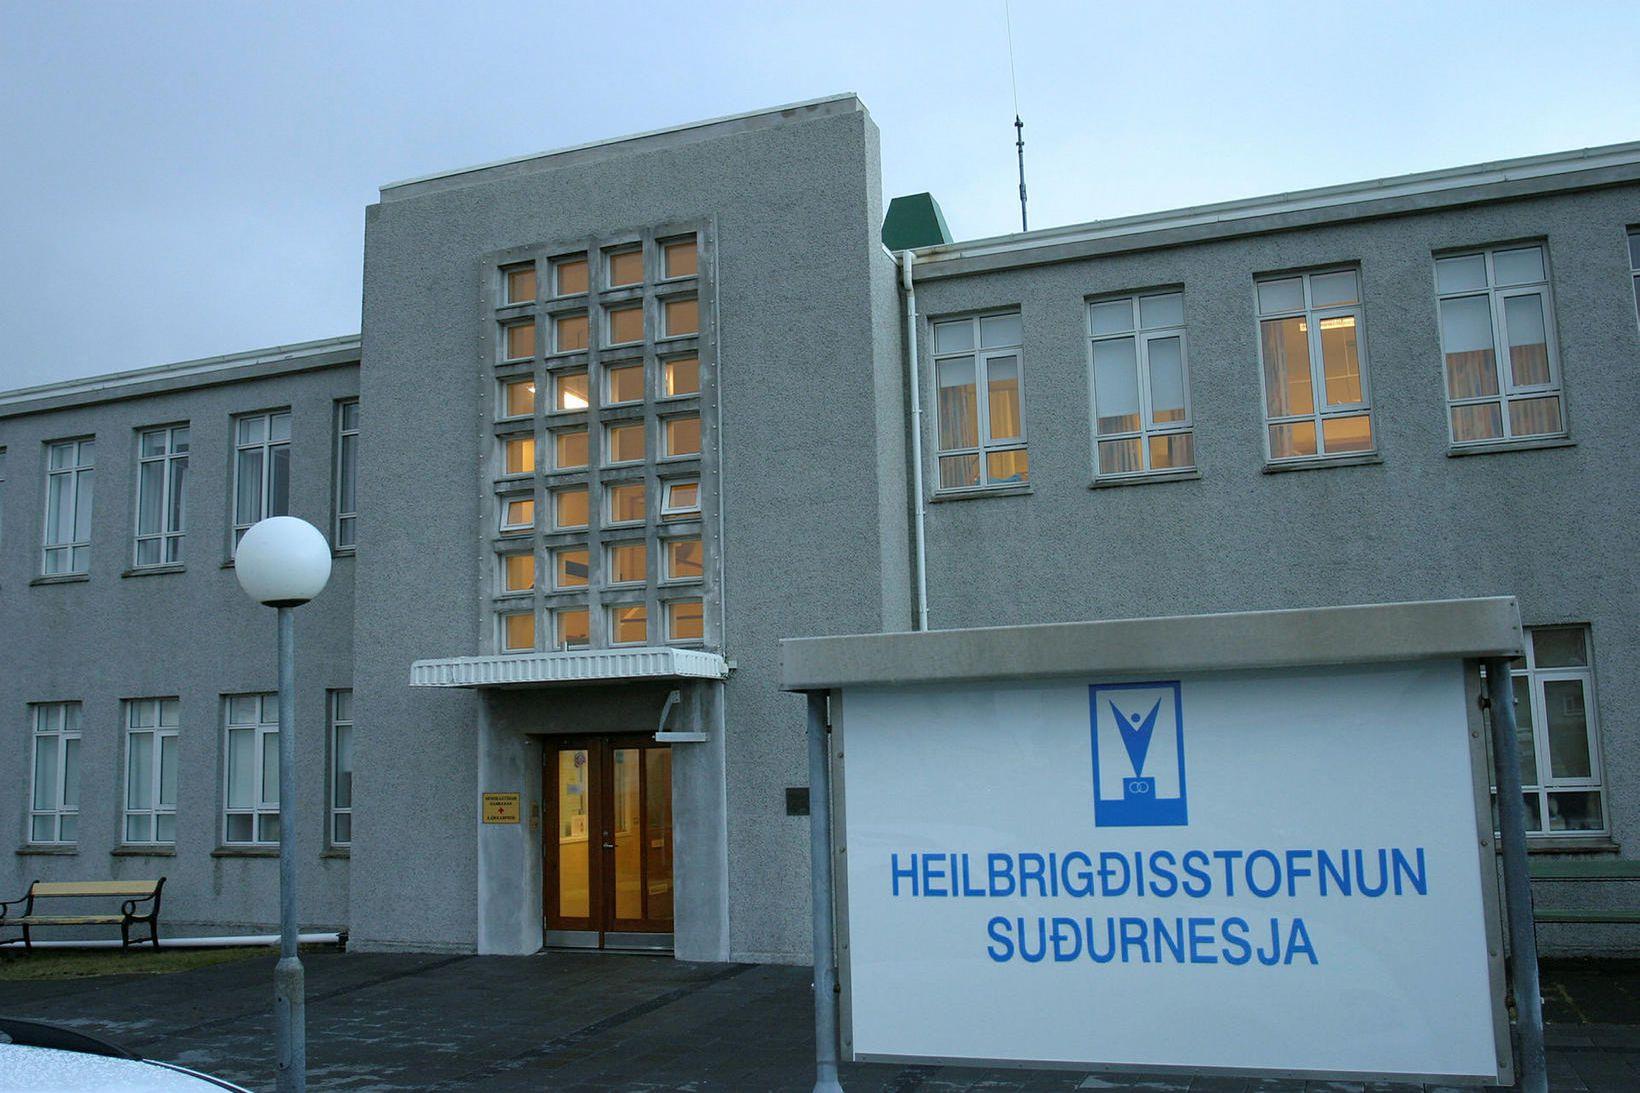 Heilbrigðisstofnun Suðurnesja.